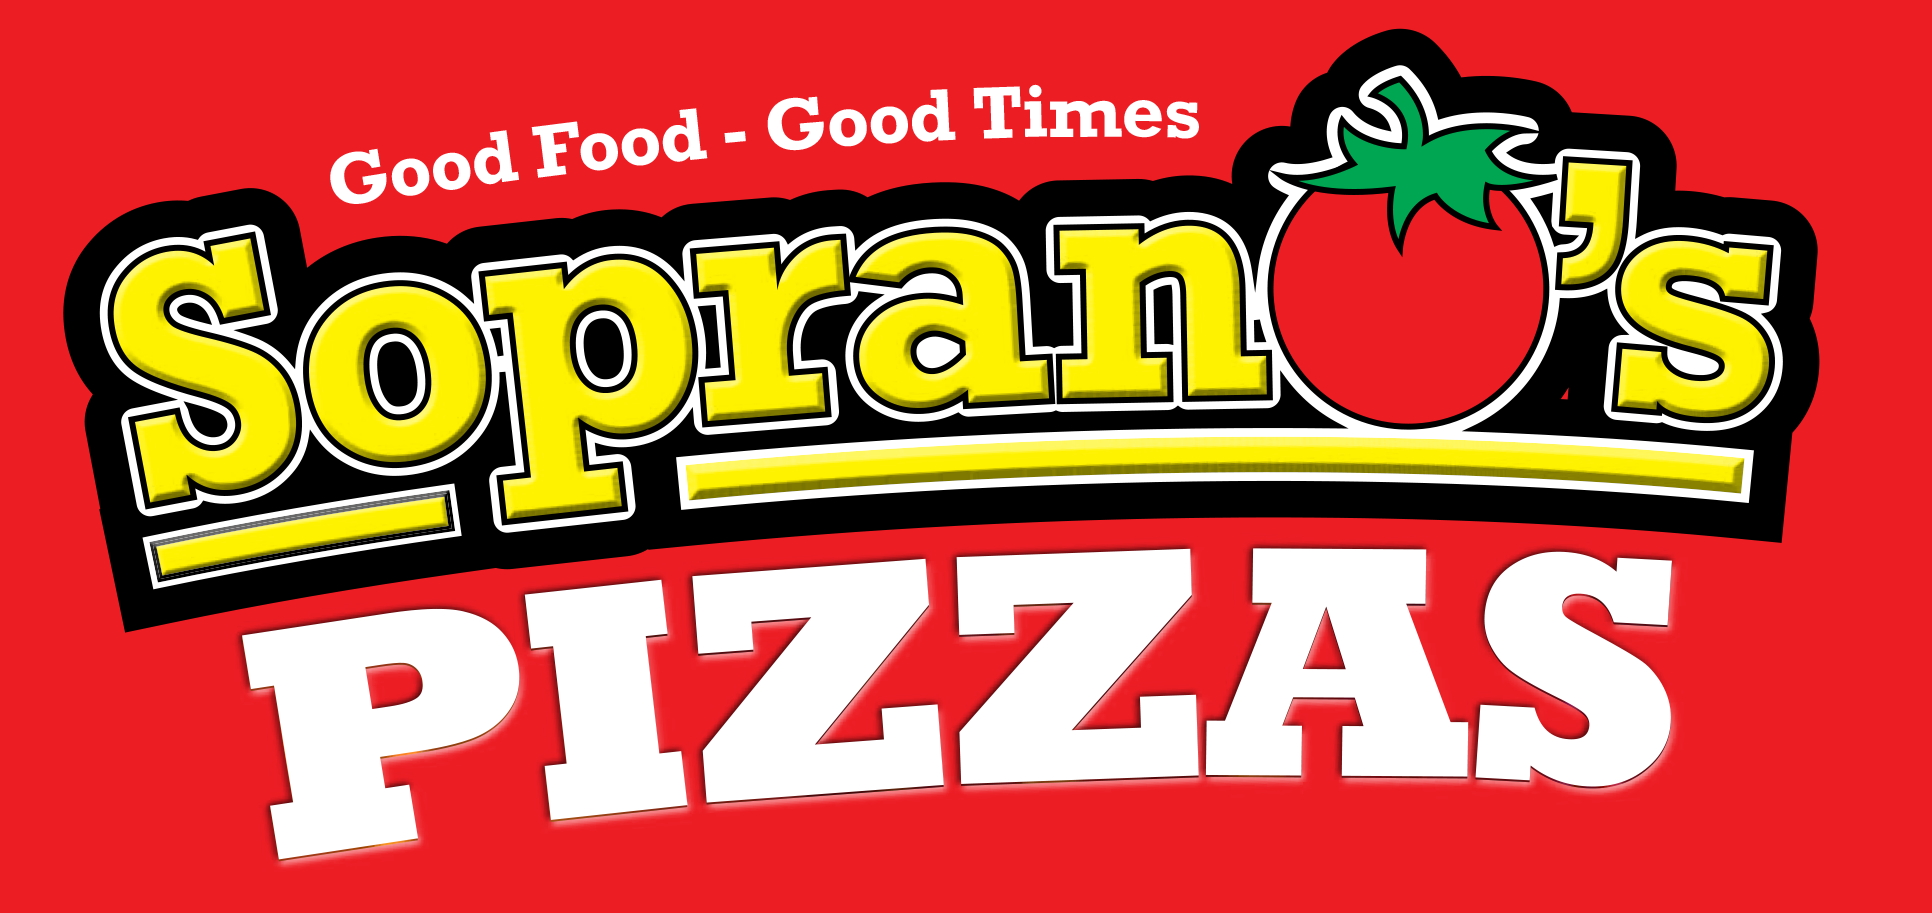 Sopranos Pizzas Order Online Sopranos Pizzas Menu Menu